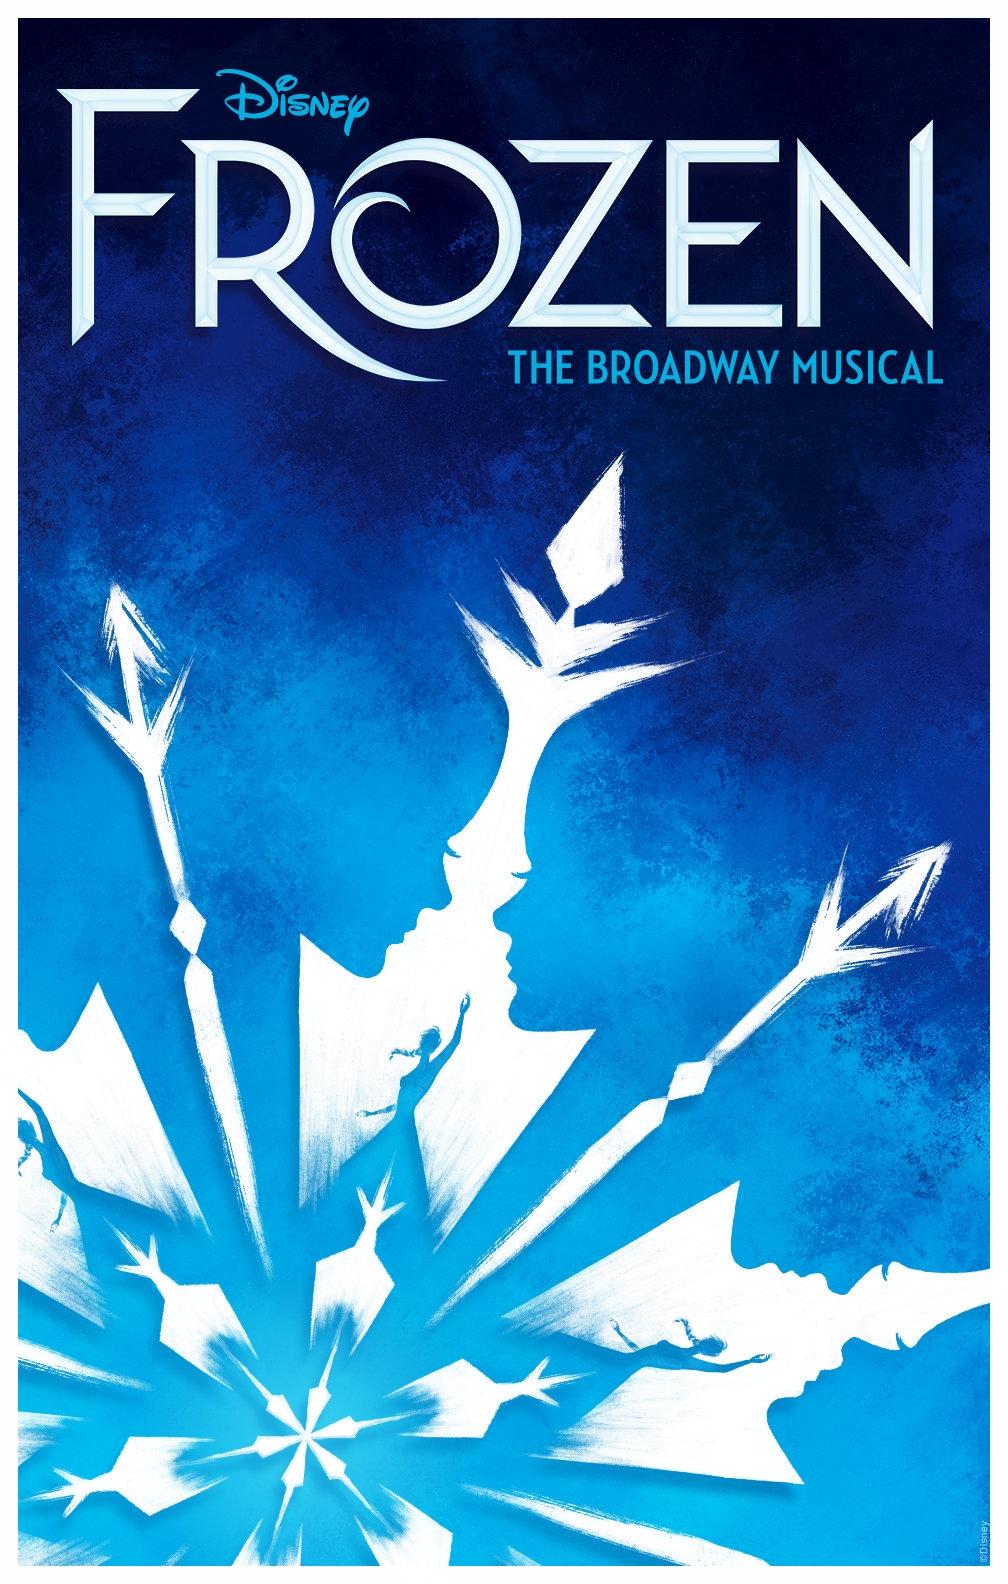 Frozen_Musical_poster.jpg